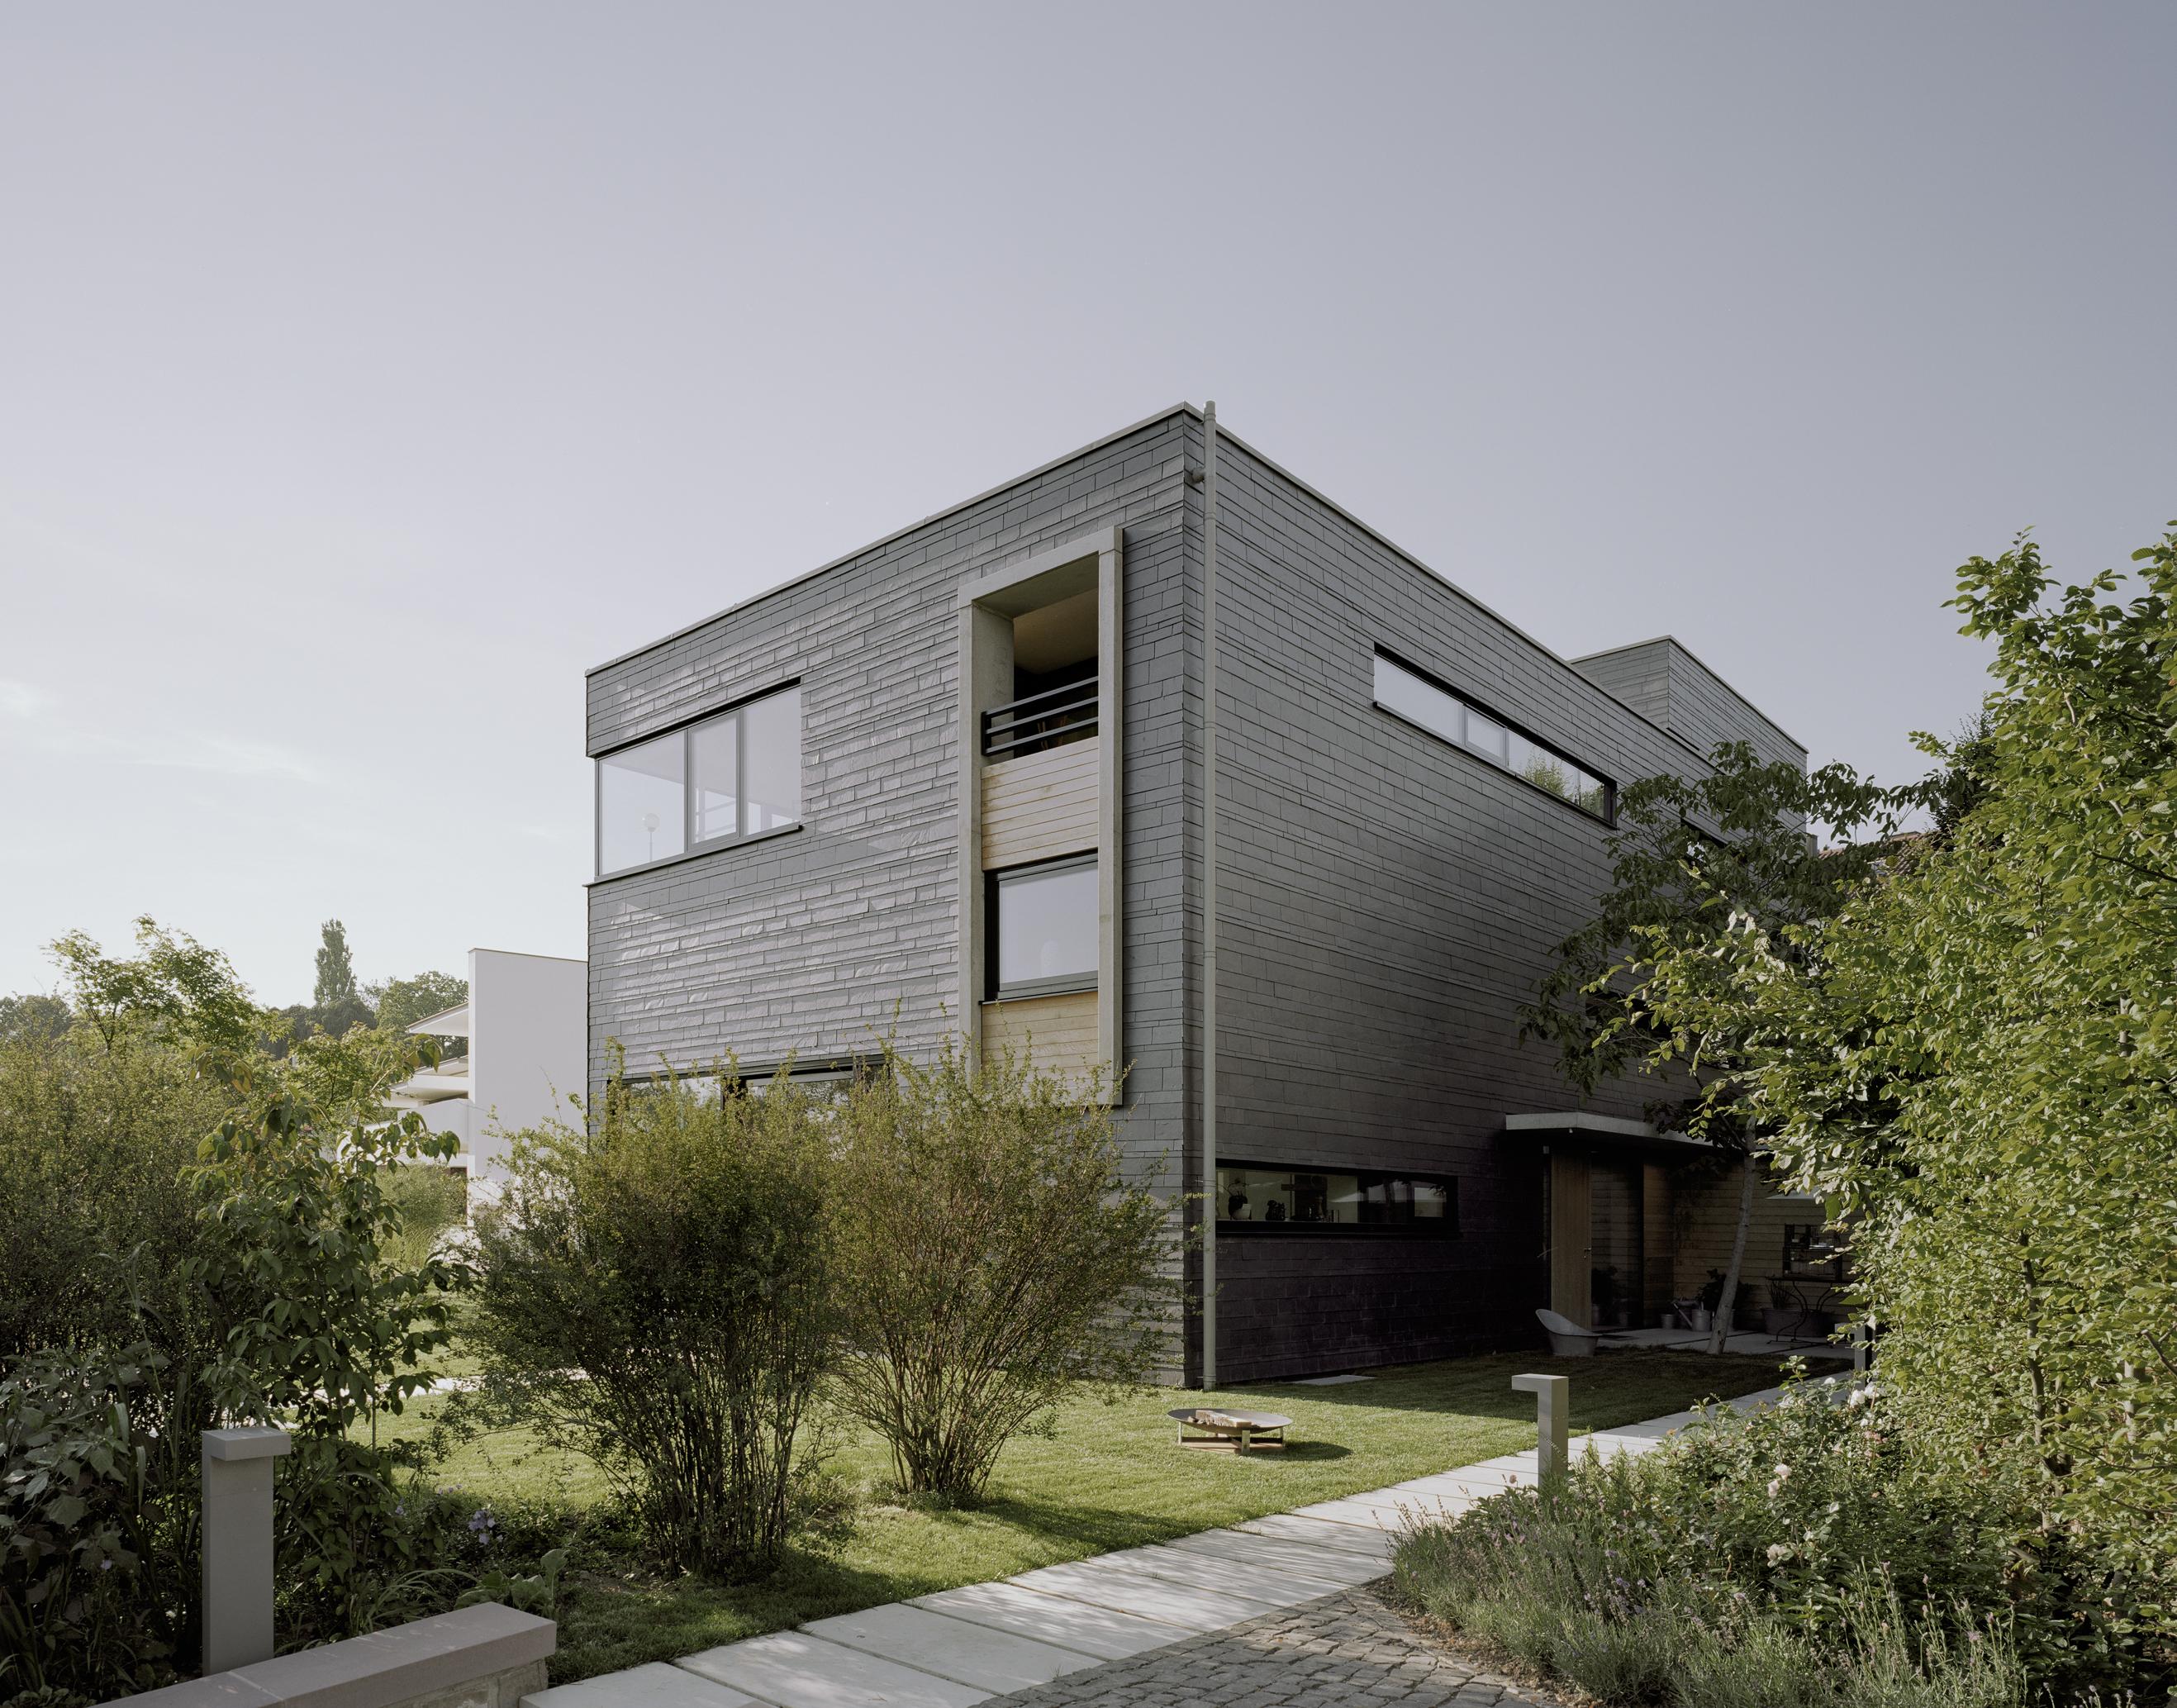 Doppelhaus tazzelwurm for Bilder doppelhaus